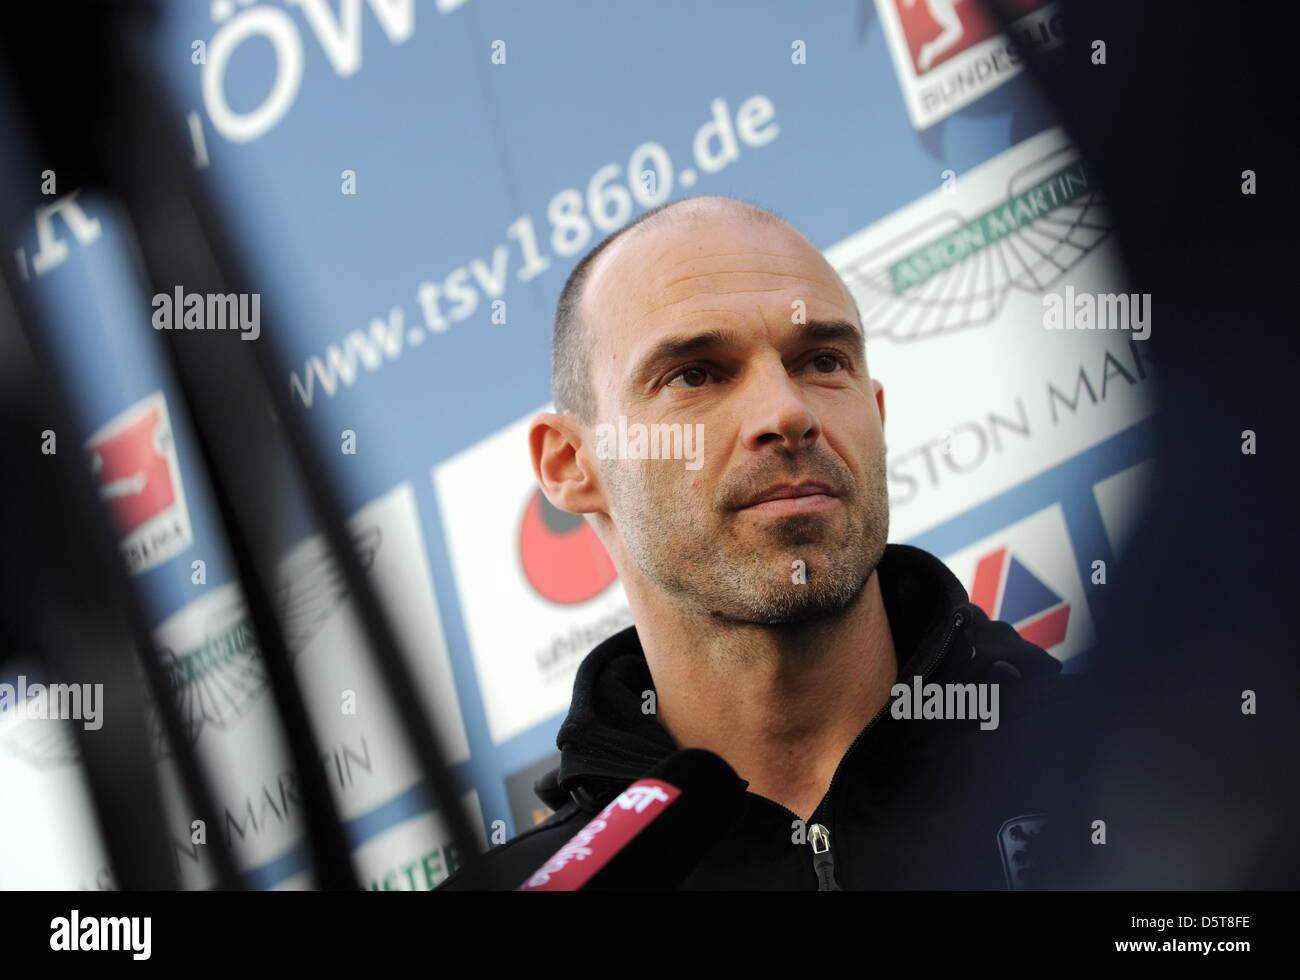 Der neue Trainer des TSV 1860 München, Alexander Schmidt, gibt am 18.11.2012 in München (Bayern) ein Interview. - Stock Image